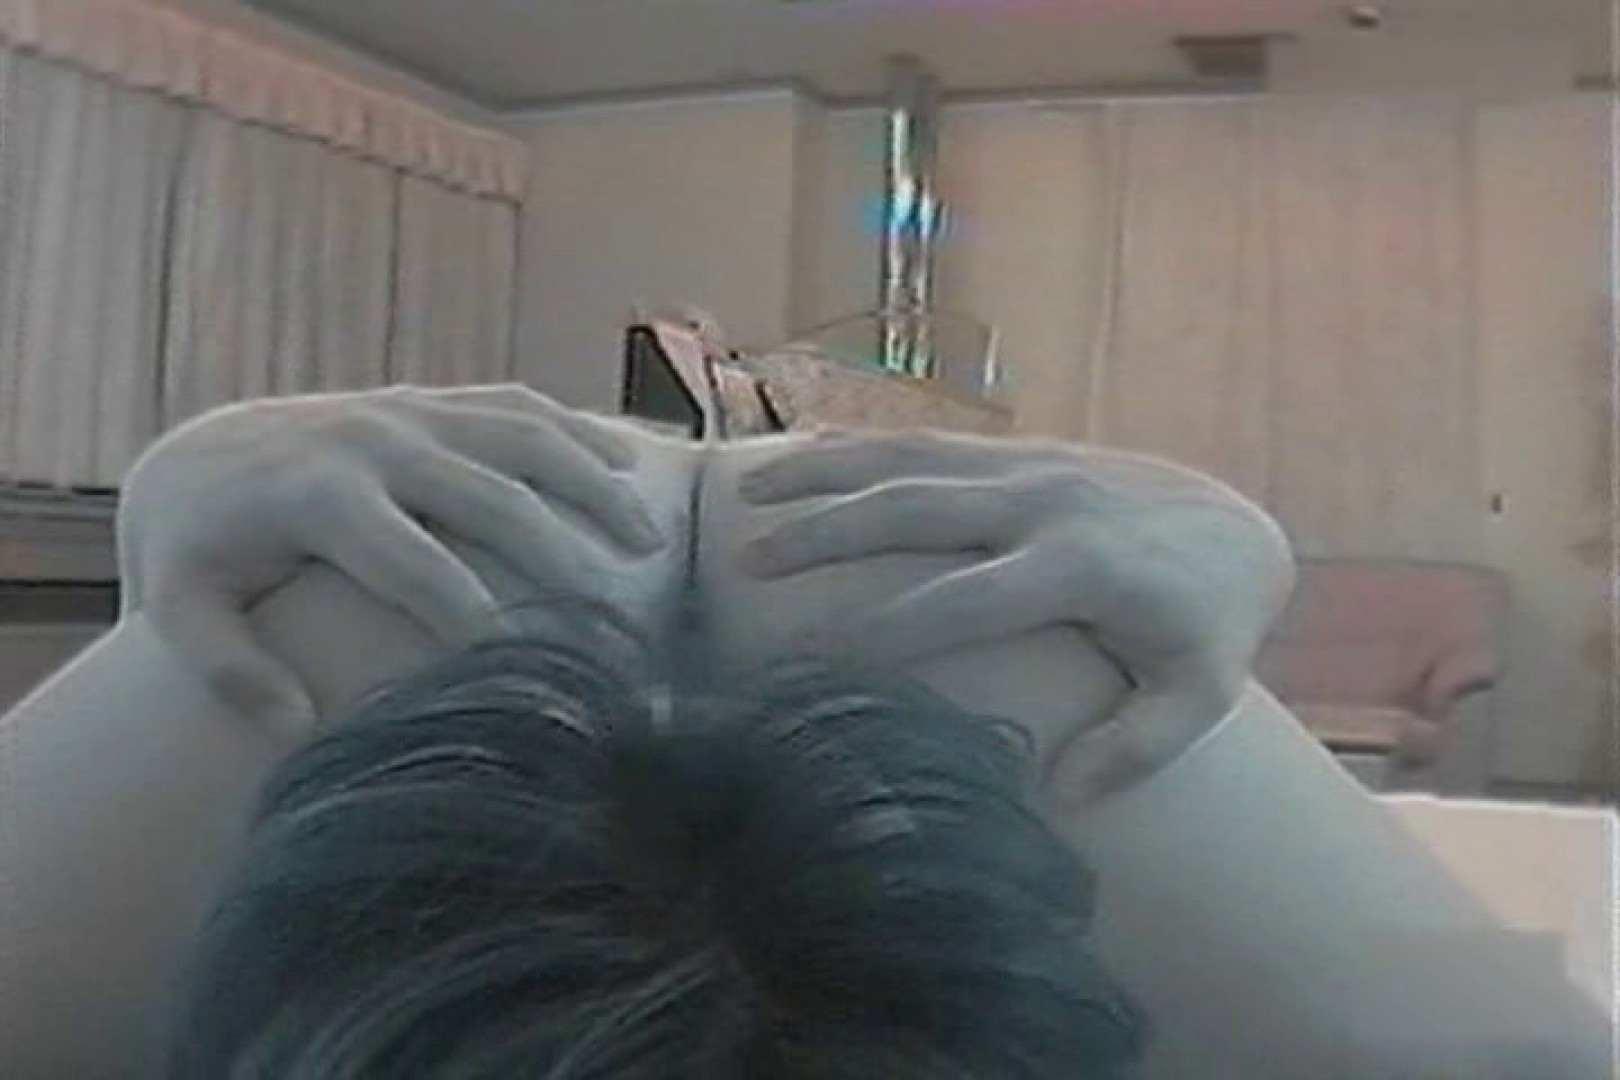 素人嬢をホテルに連れ込みアンナ事・コンナ事!?Vol.10 素人 | ホテルでエッチ  97pic 10